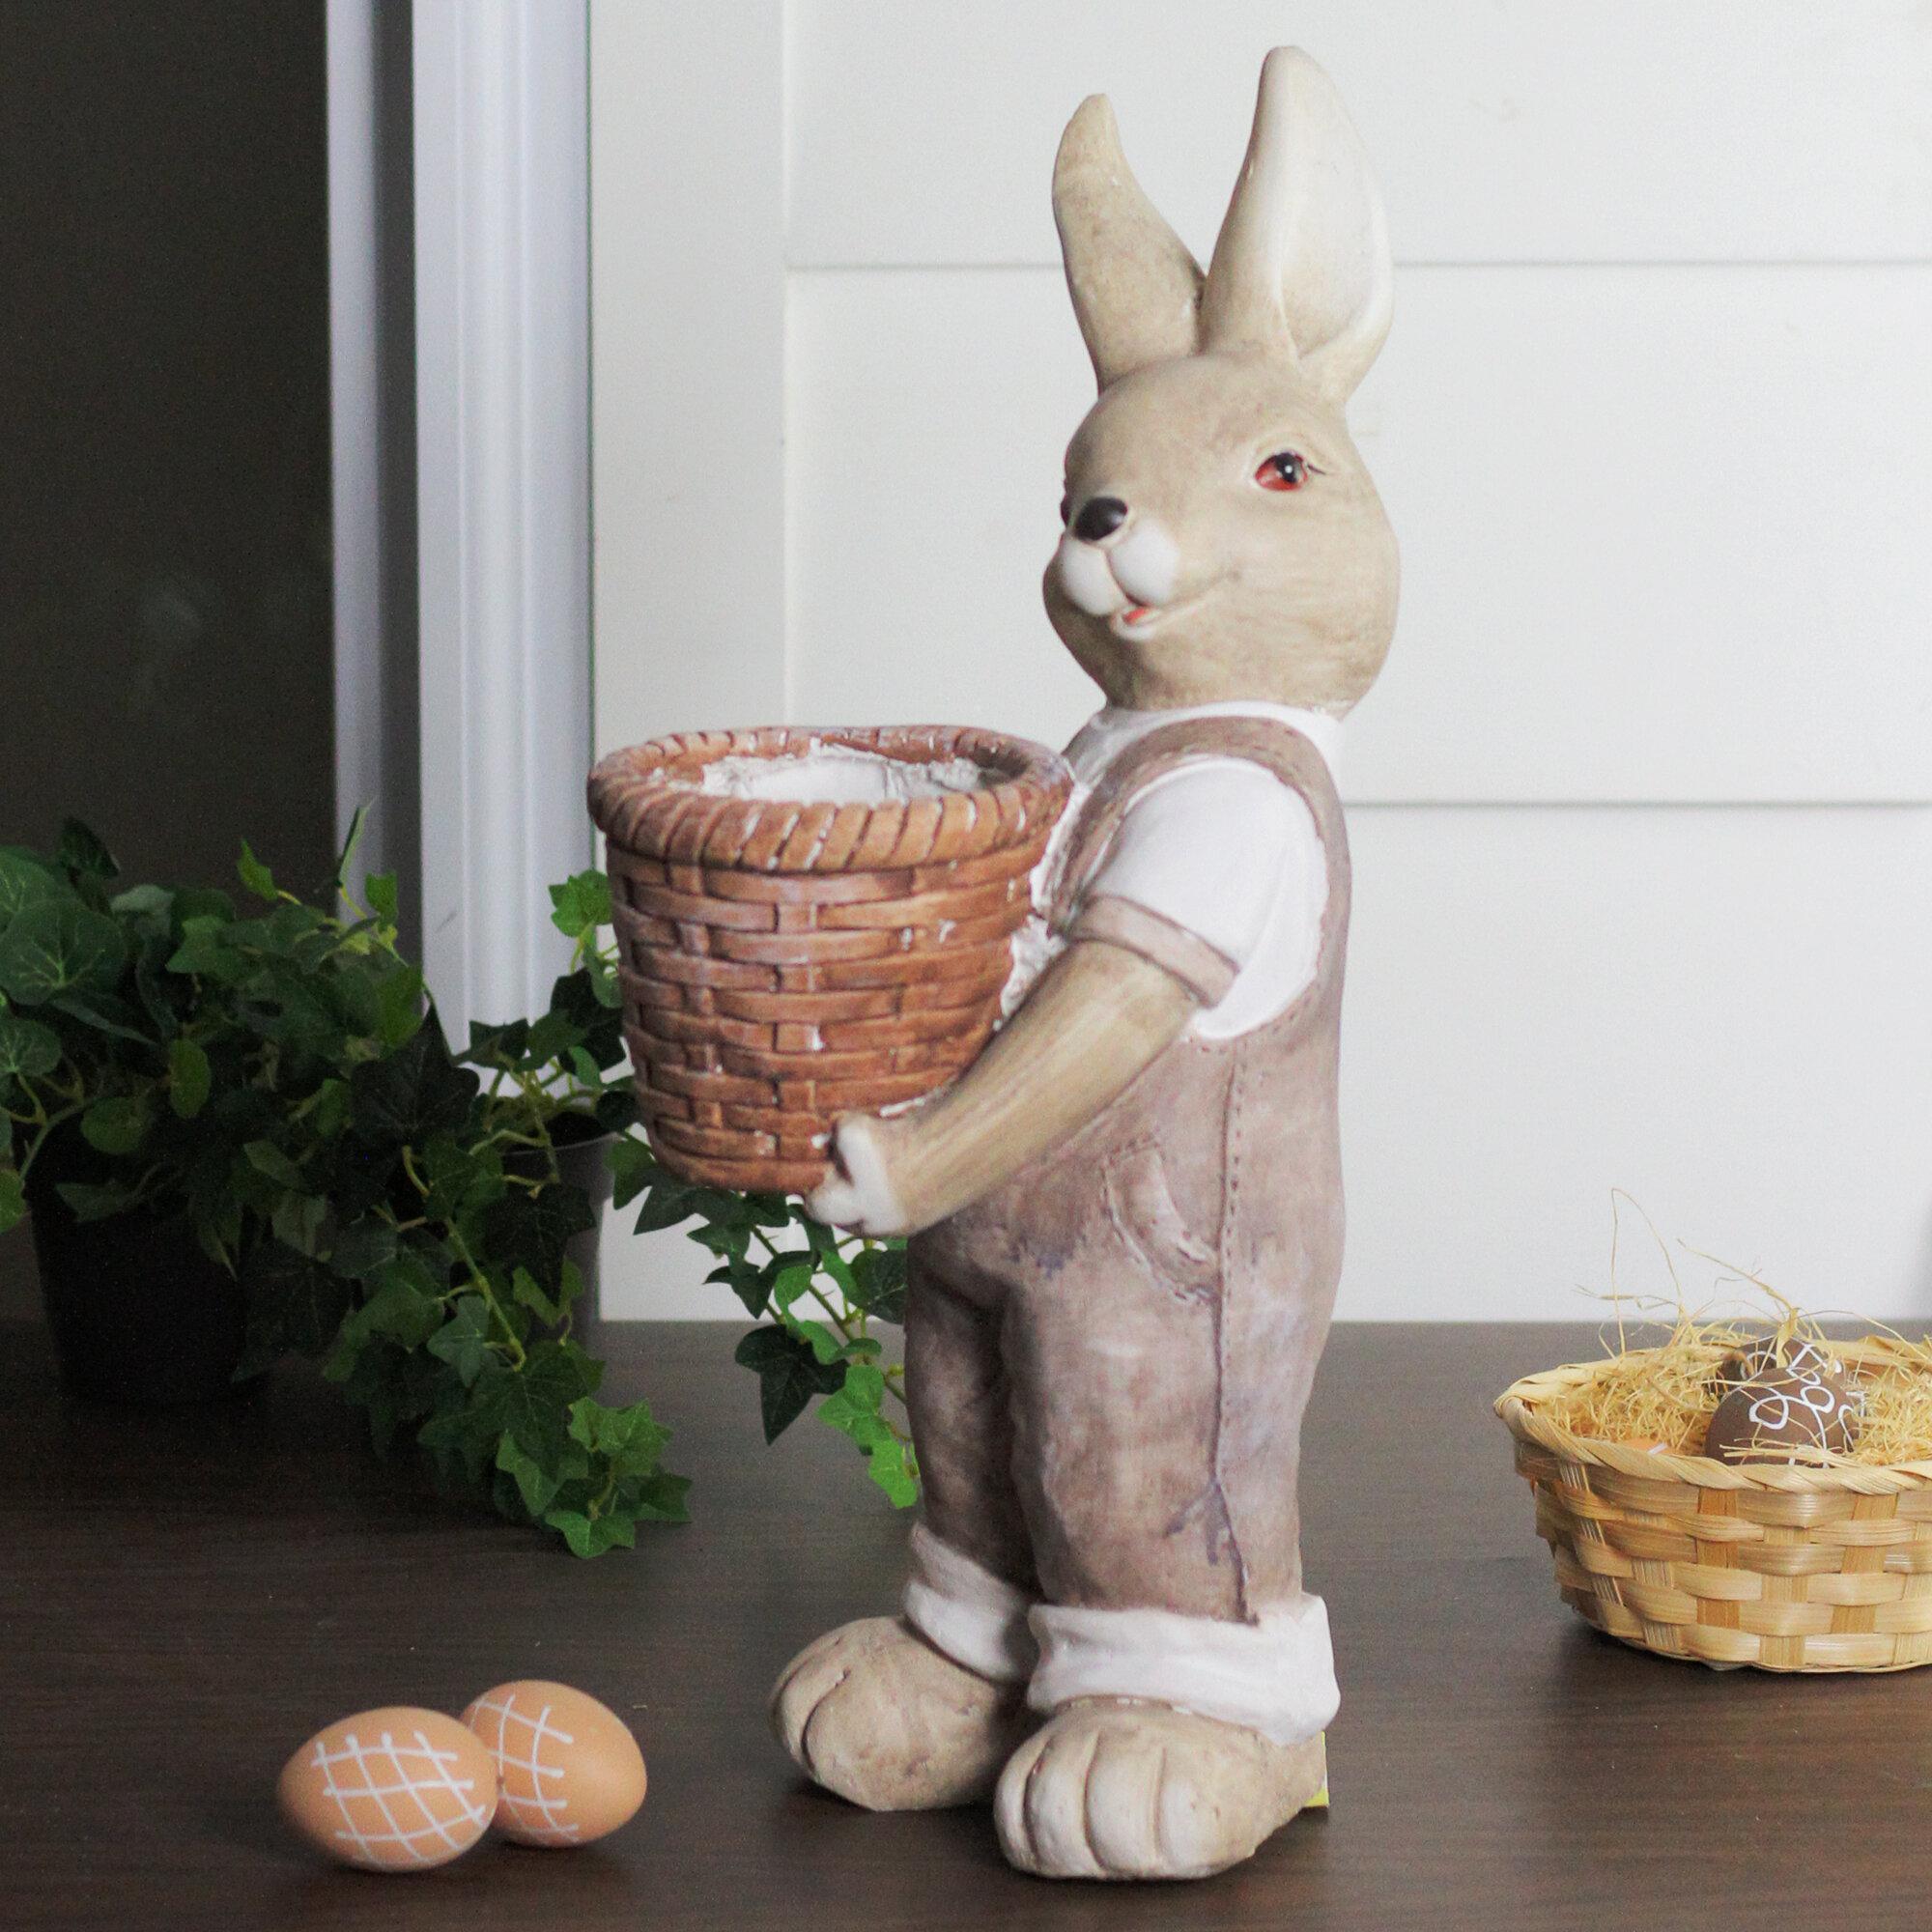 Kunstbloemen Gedroogd Outdoor Indoor Garden Faux Topiary Rabbit Bunny Animal Box Tree Rabbit Statue Huis Tecnomira Com Br